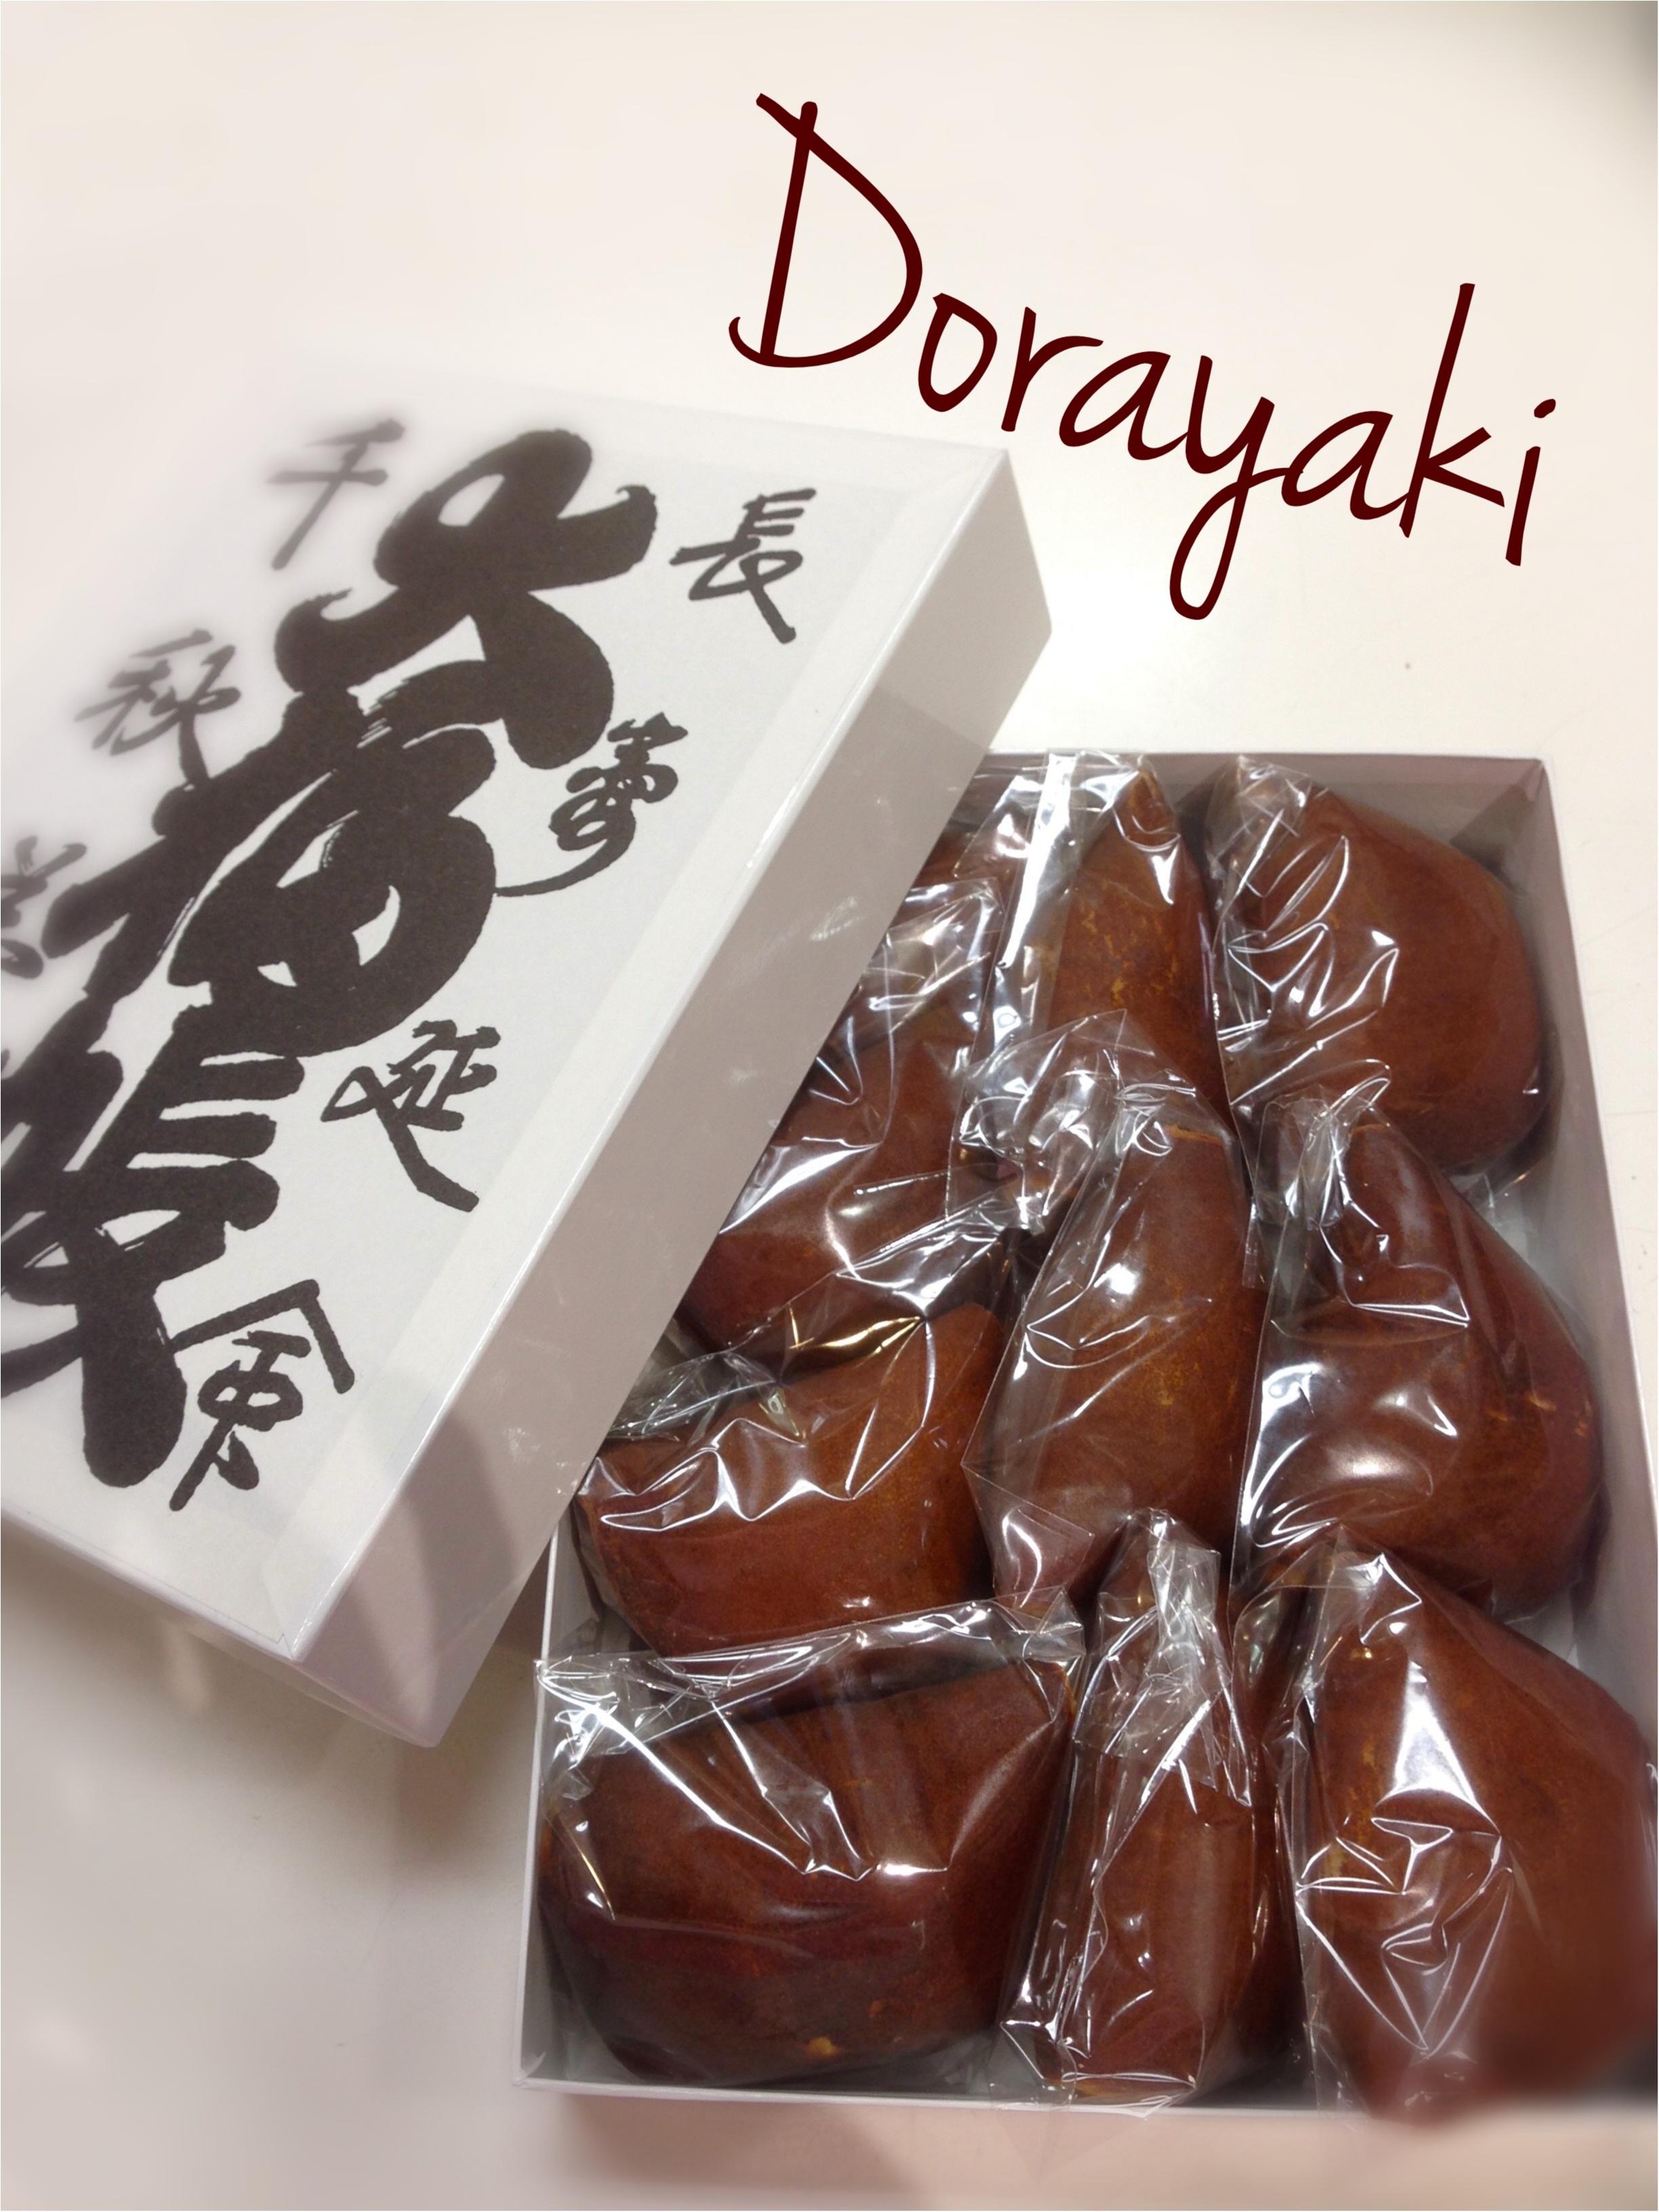 清寿軒の激ウマどら焼きは【小判】を選ぶべし‼️_1